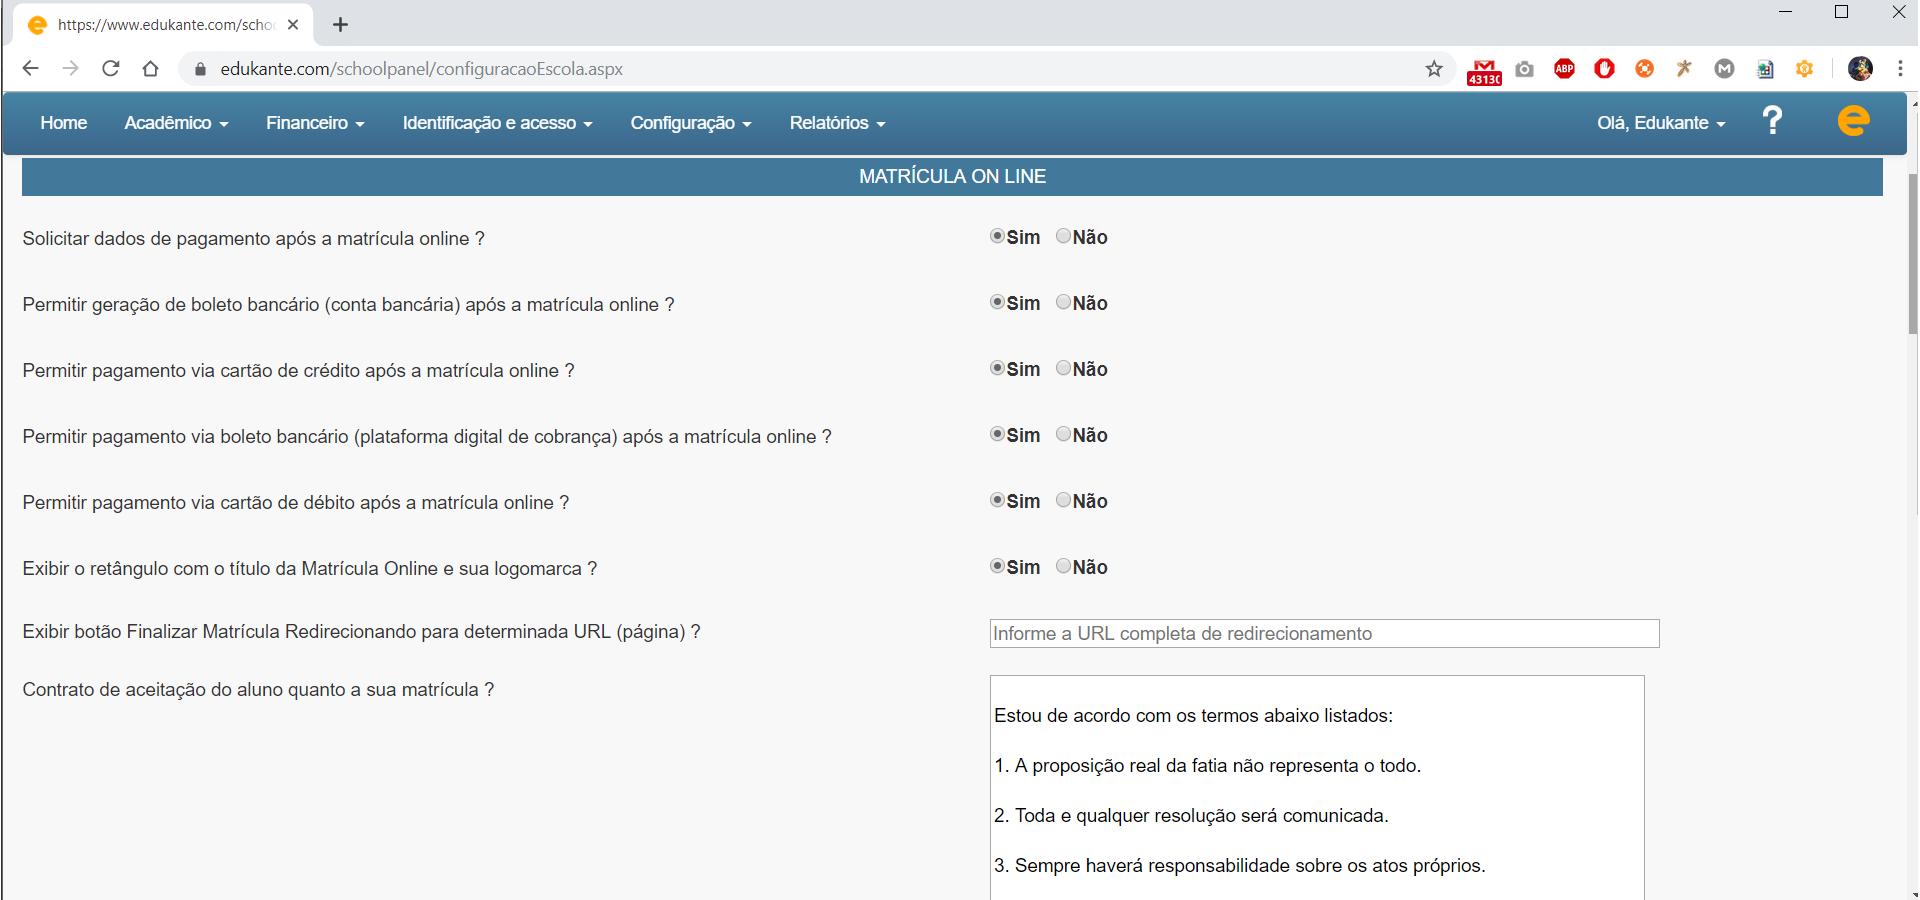 Software de Gestão Escolar. Matrícula Online, configuração de dados pessoais que serão preenchidos pelo aluno.